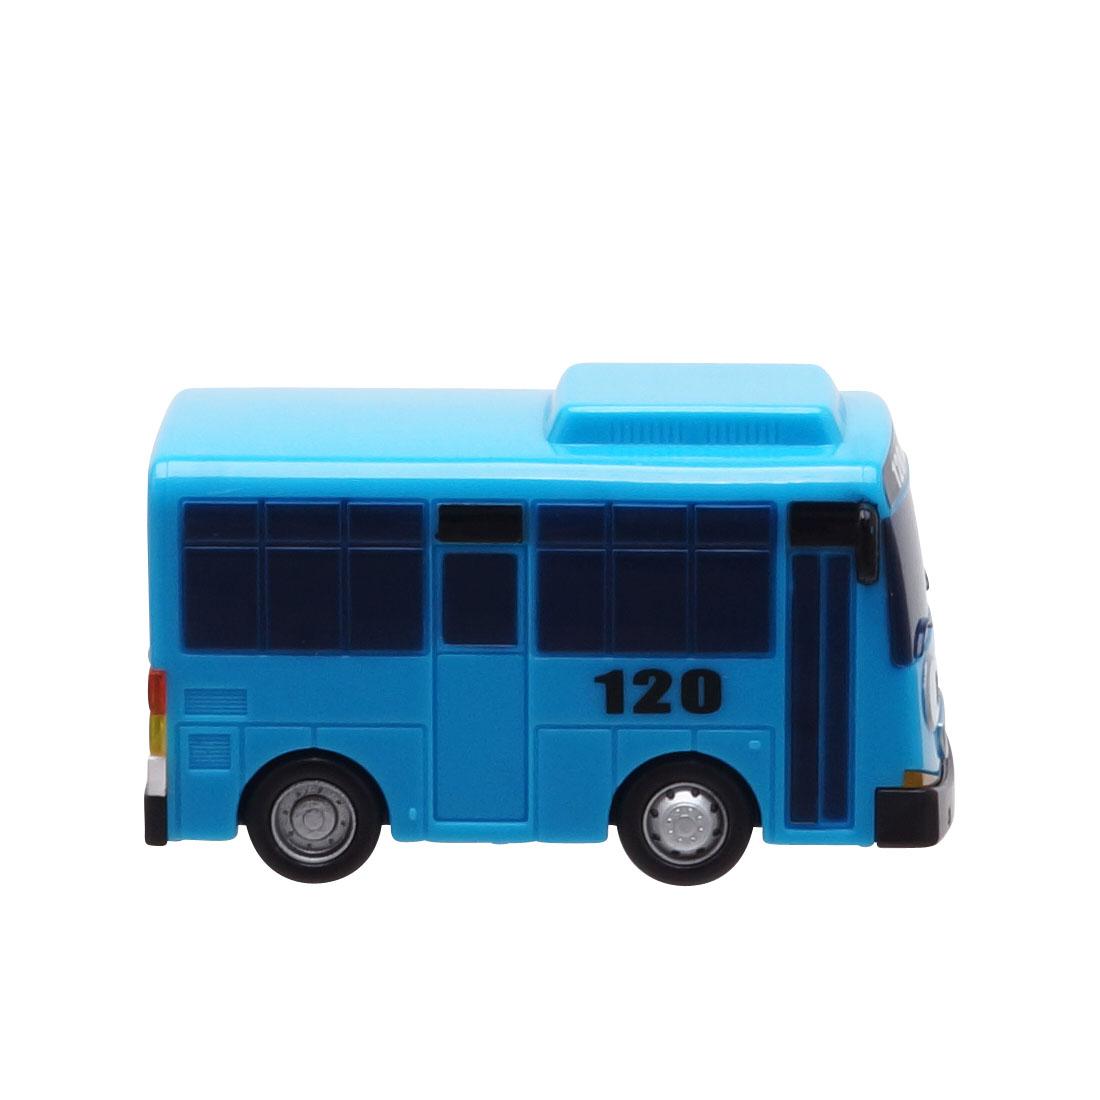 Тайо набор 4 автобуса